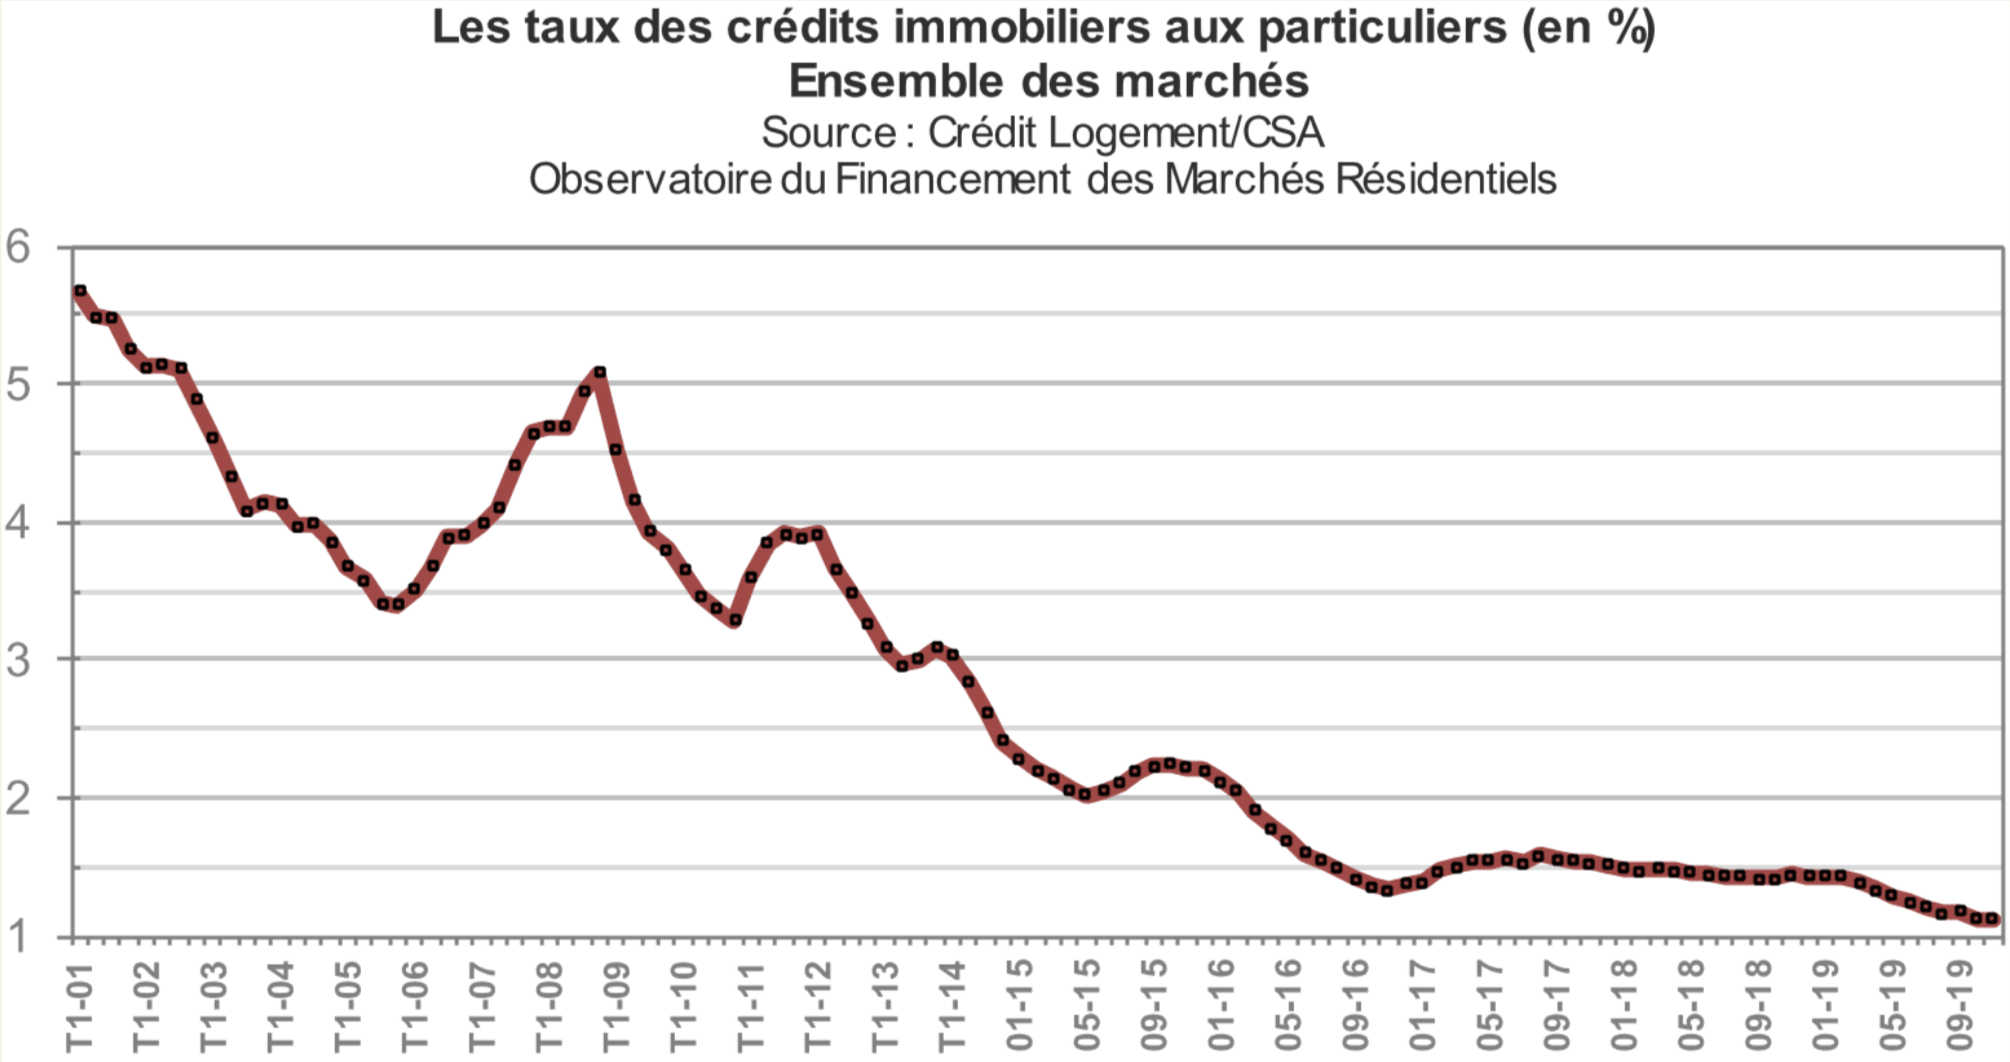 Baisse des taux immobilier